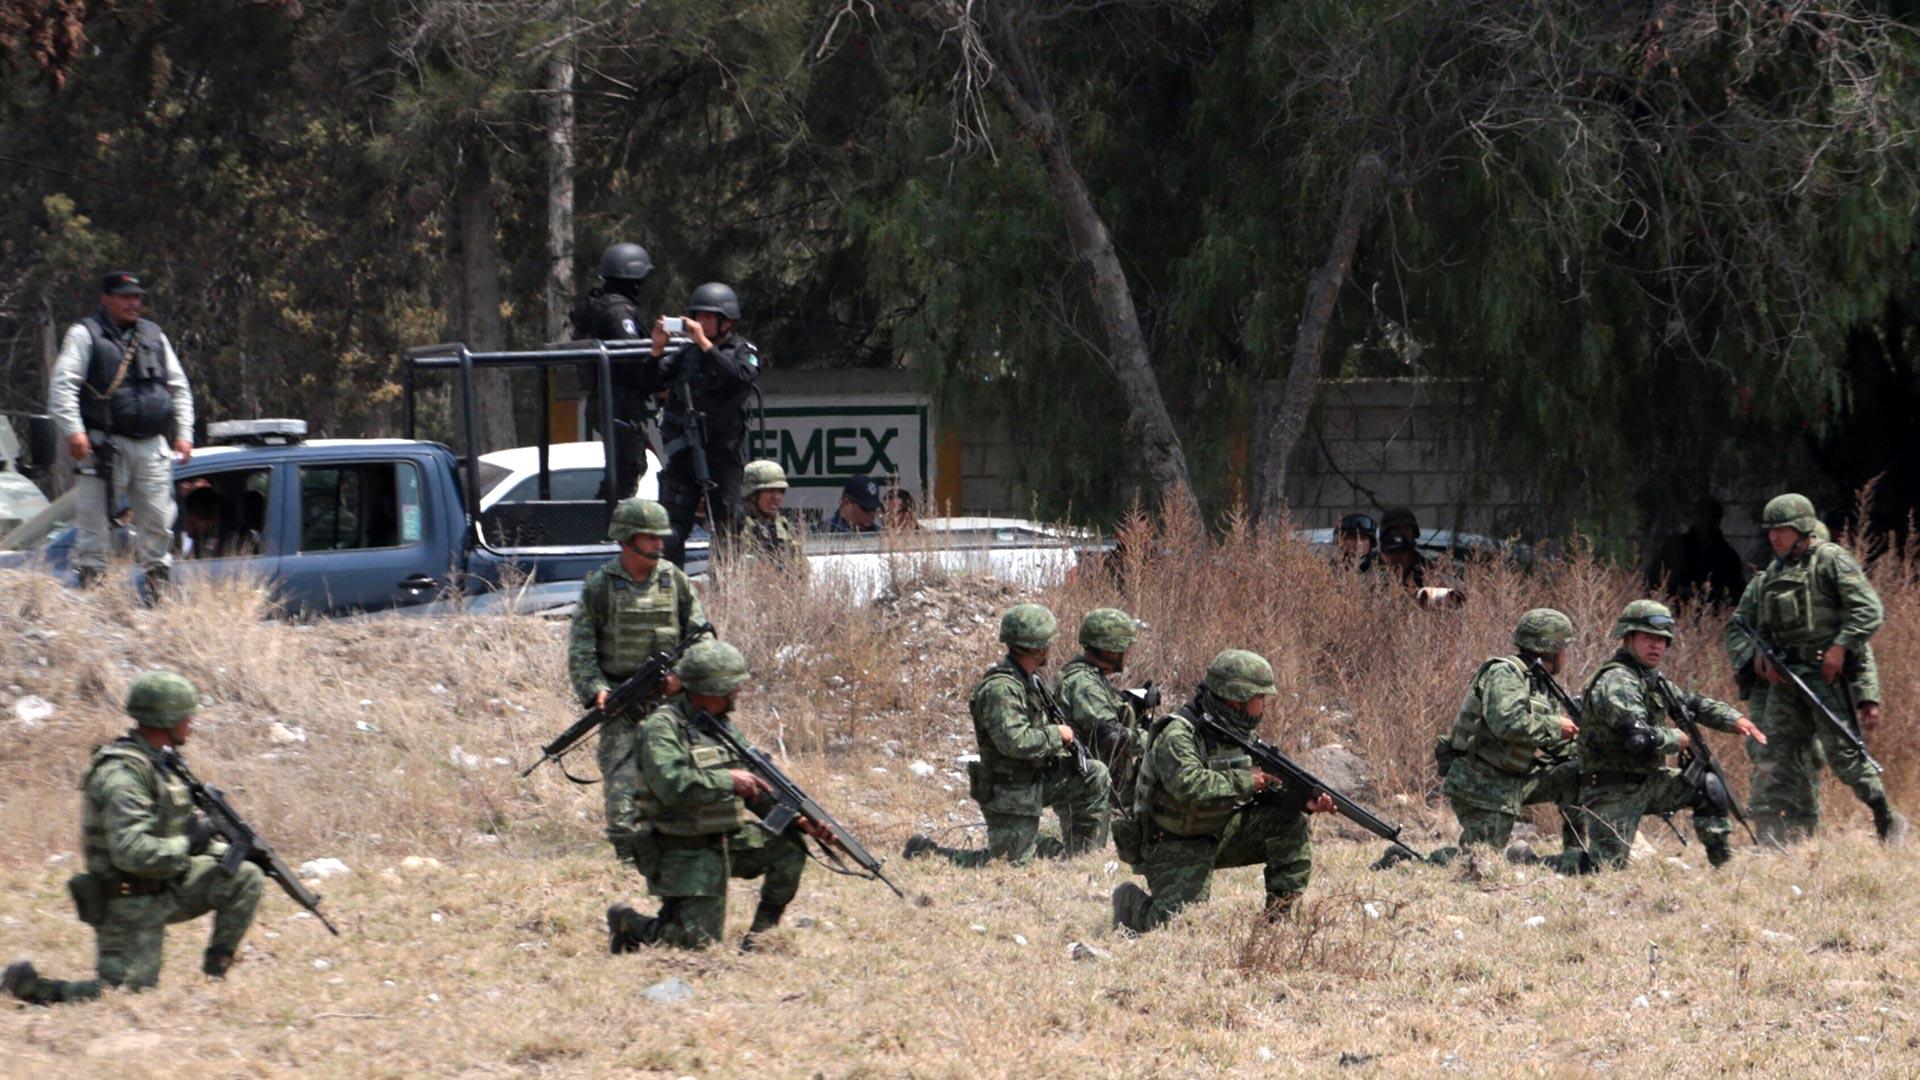 Las fuerzas armadas también están siendo capacitadas para enfrentar a los ladrones de combustible (Foto: AFP)